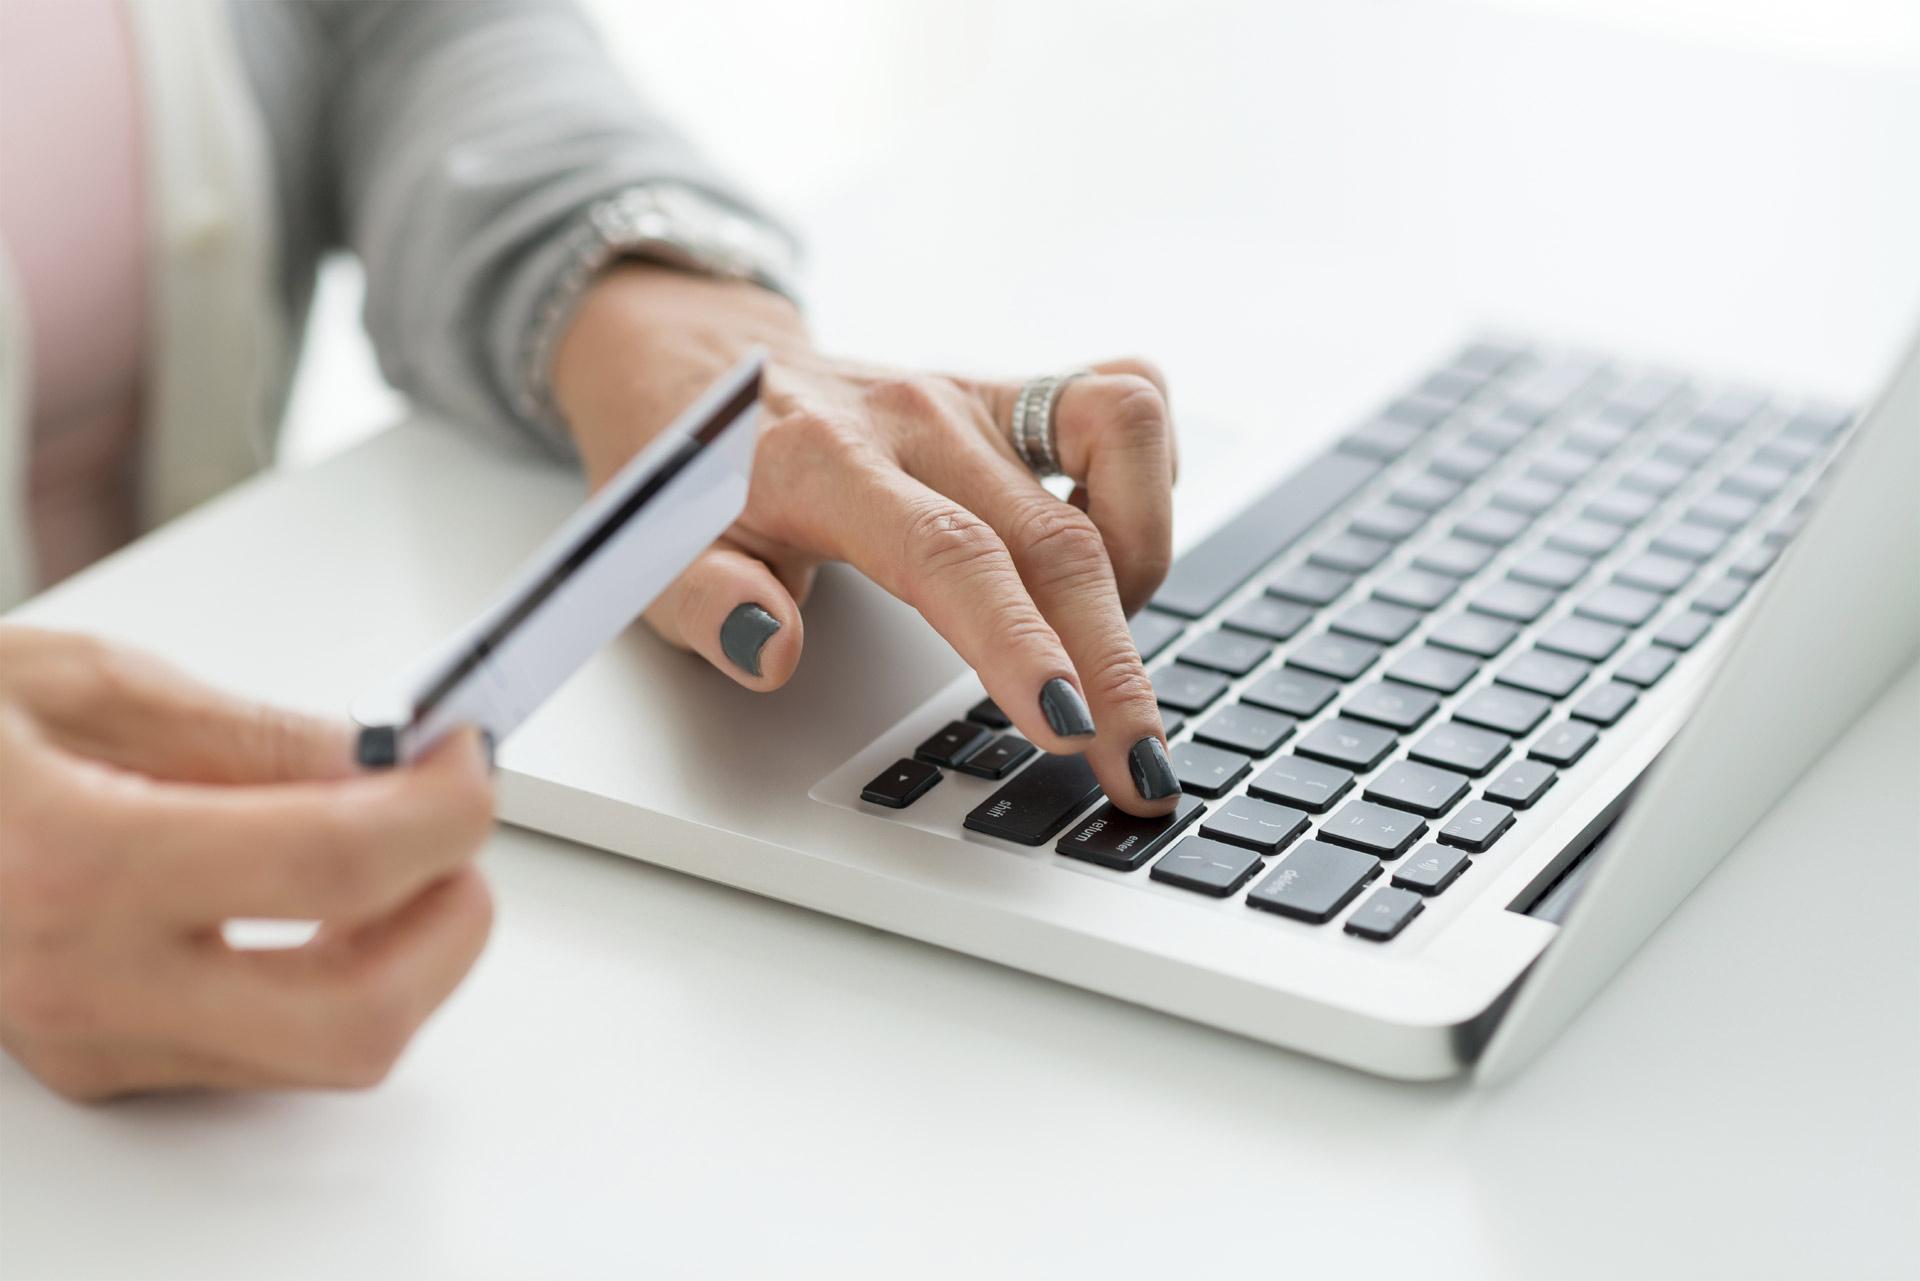 Los consumidores estarán más protegidos ante posibles fraudes por compras electrónicas